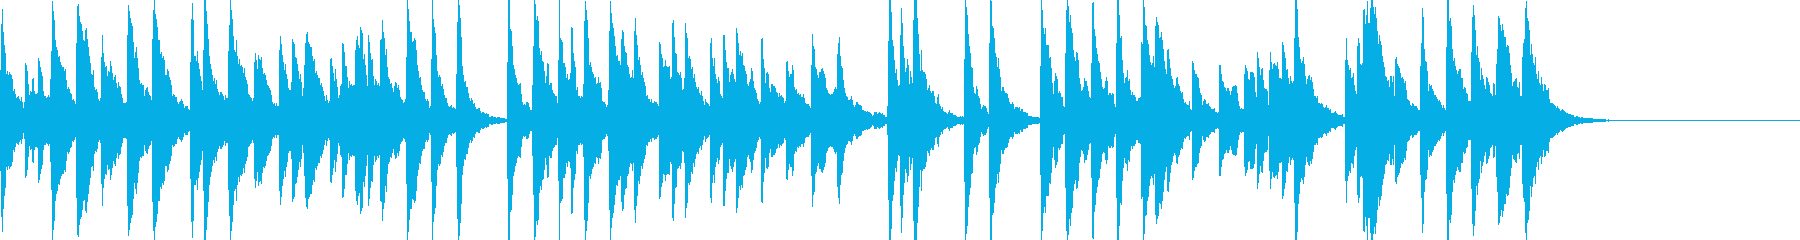 「スカボローフェア」オルゴールbpm86の再生済みの波形